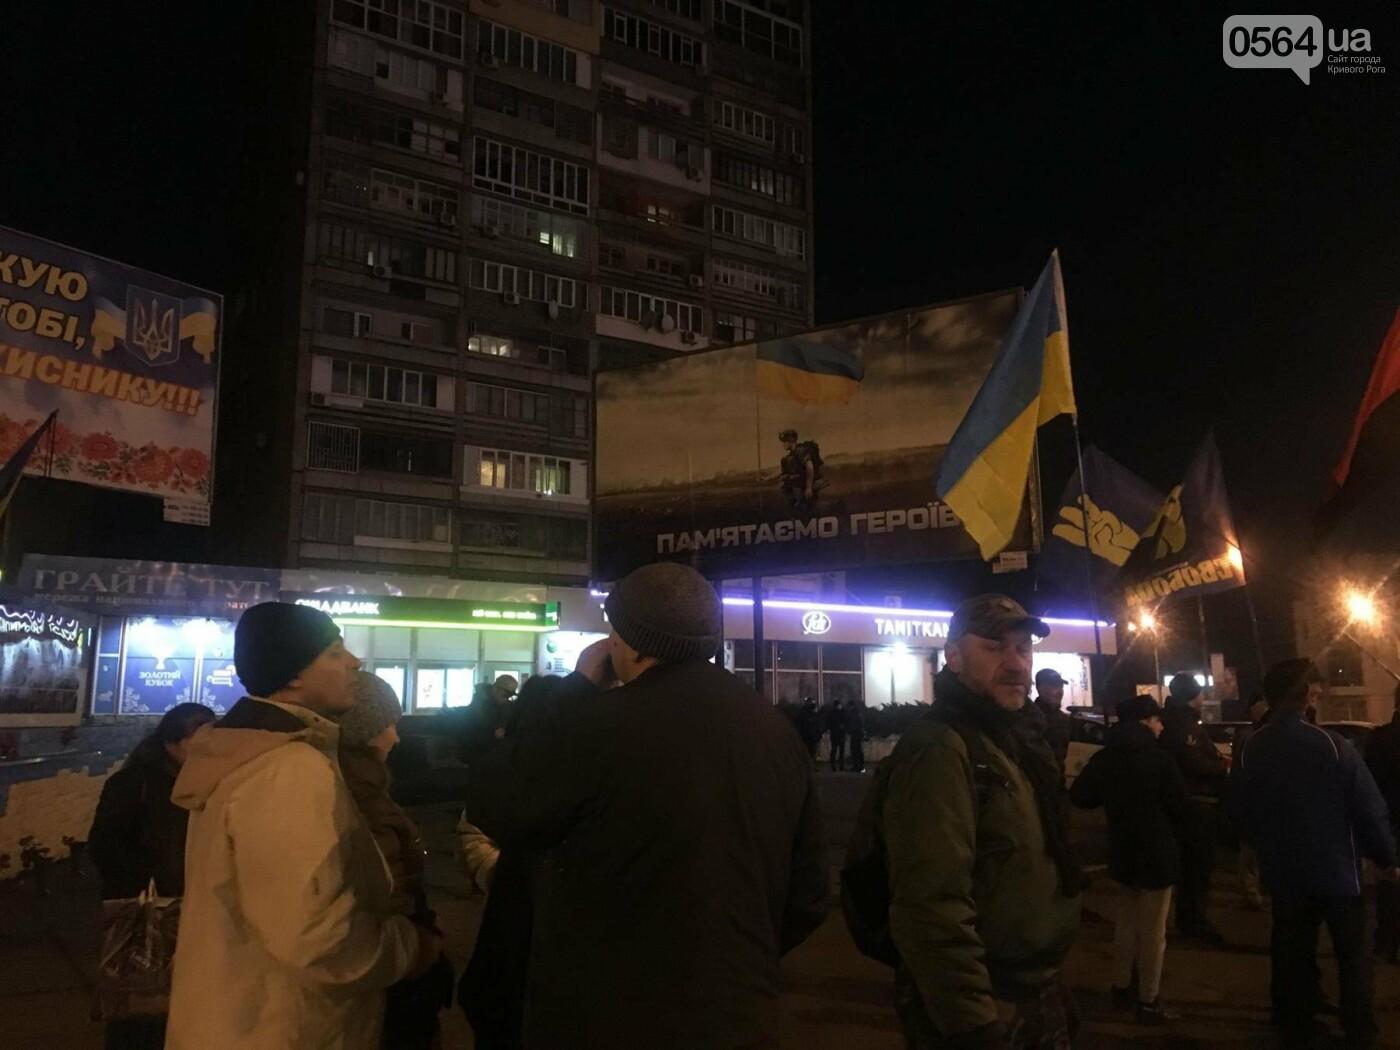 В Кривом Роге проходит Факельный марш в честь Дня рождения Степана Бандеры (ФОТО, ВИДЕО), фото-5